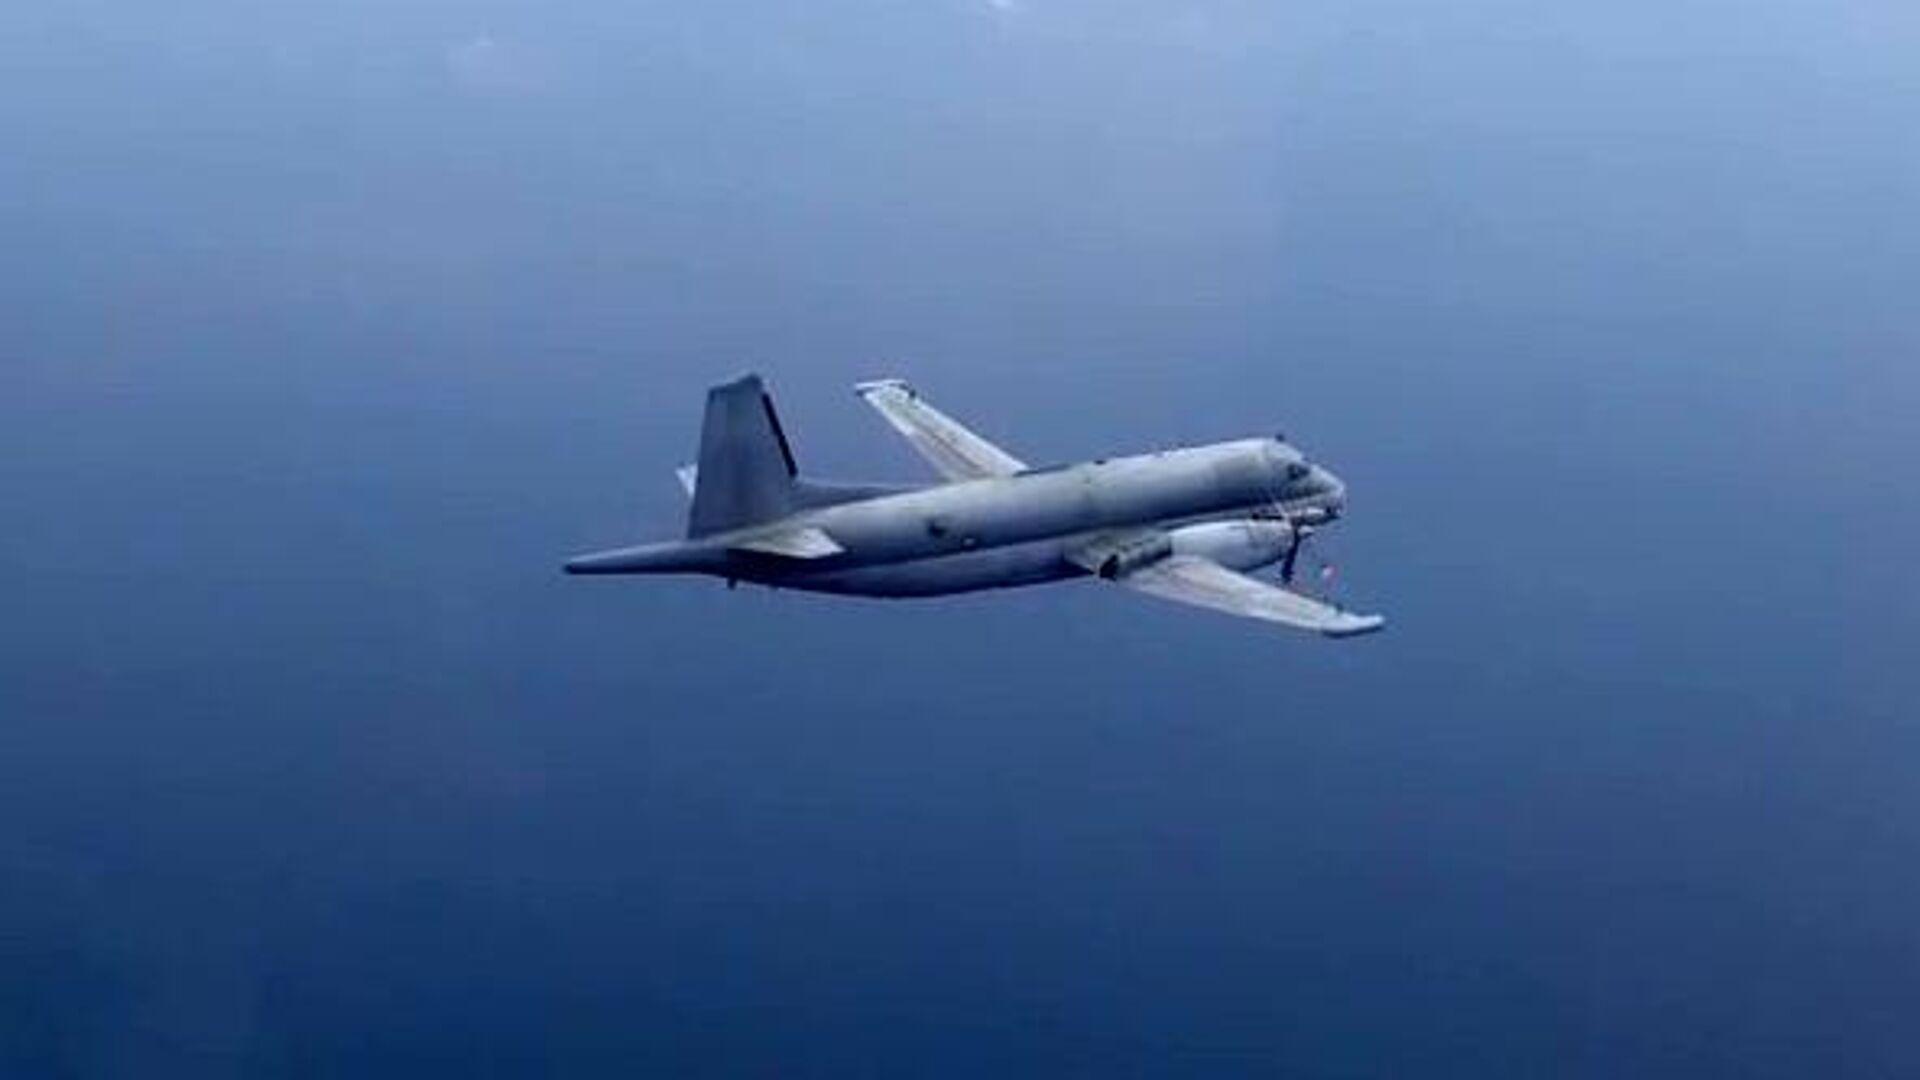 Самолет-разведчик НАТО, перехваченный над Черным морем. Скриншот видео - РИА Новости, 1920, 11.09.2020